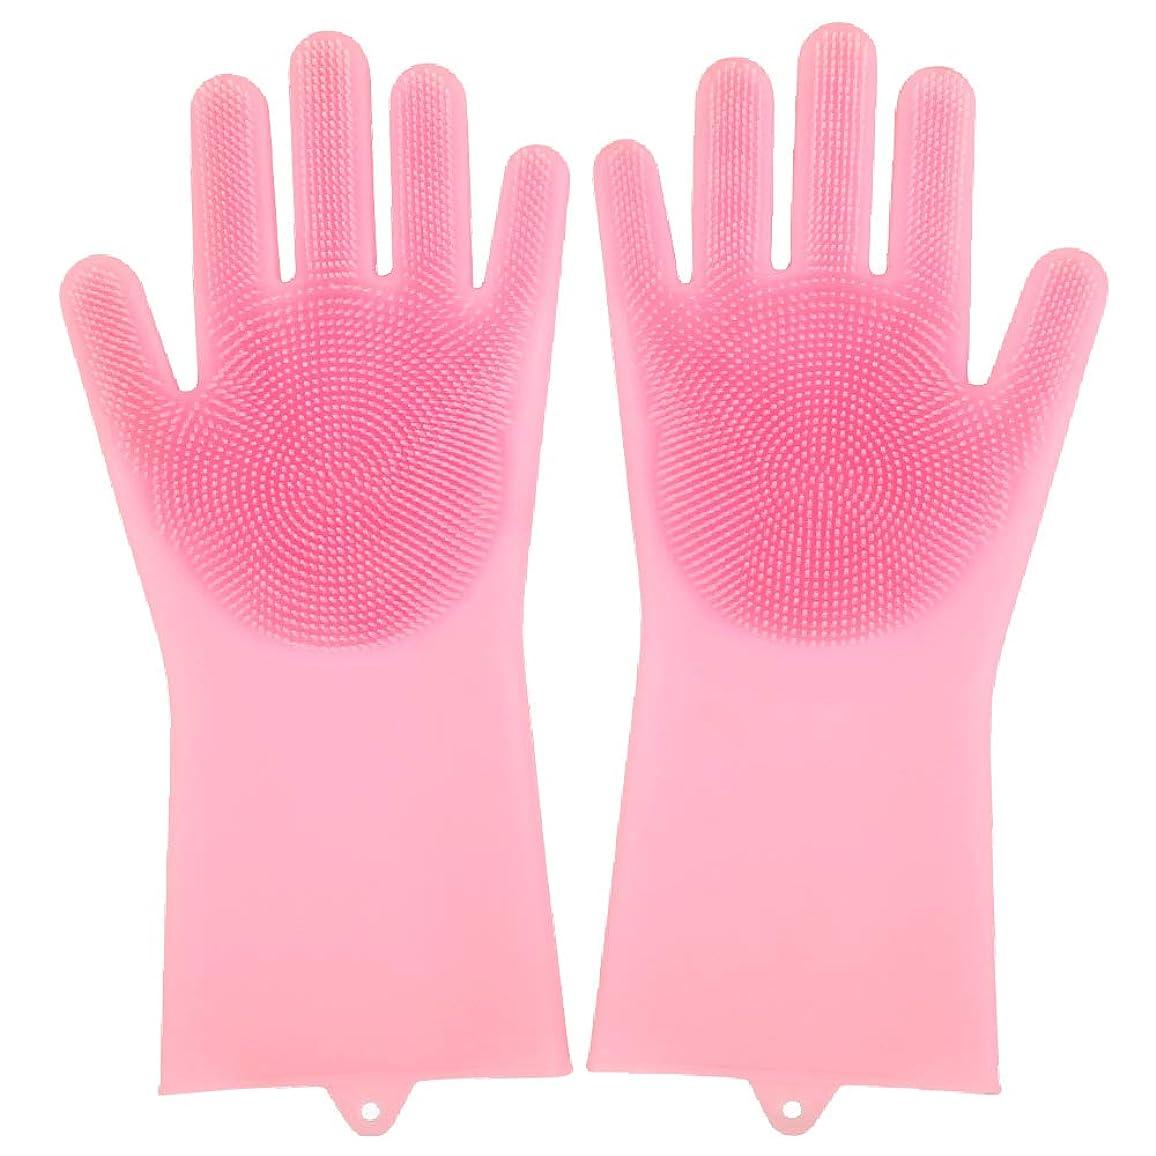 パラシュート繁栄する勃起キッチングローブ シリコン 手袋 おしゃれ 耐熱ミトン キッチン 手袋 ブラシ付き 耐久性 泡立ちやすい 防水 キッチン 洗剤?掃除用品 2枚セット